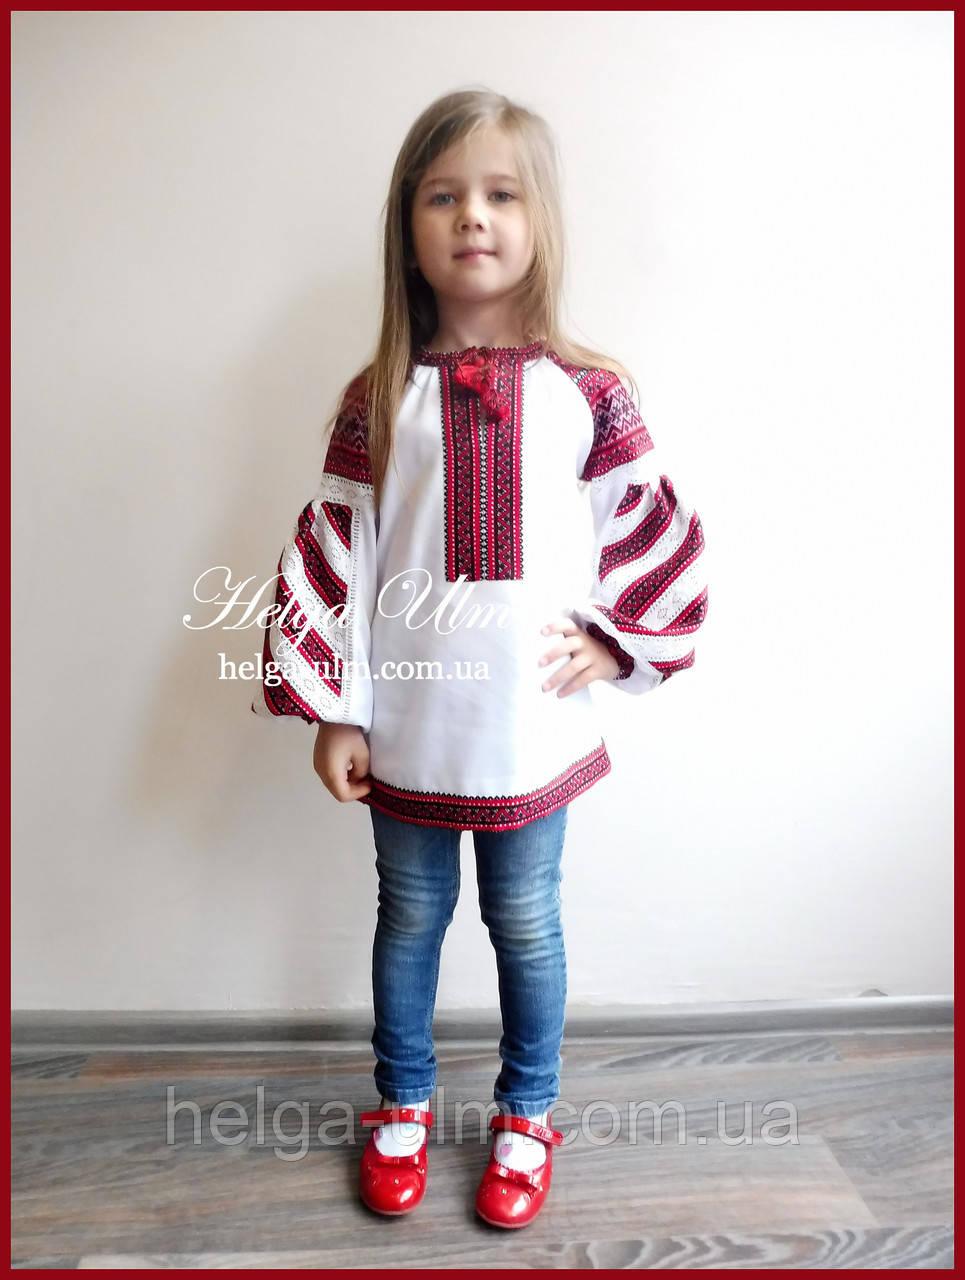 Дитяча вишита туніка, блуза з бавовняним мереживом на замовлення - 128 р.